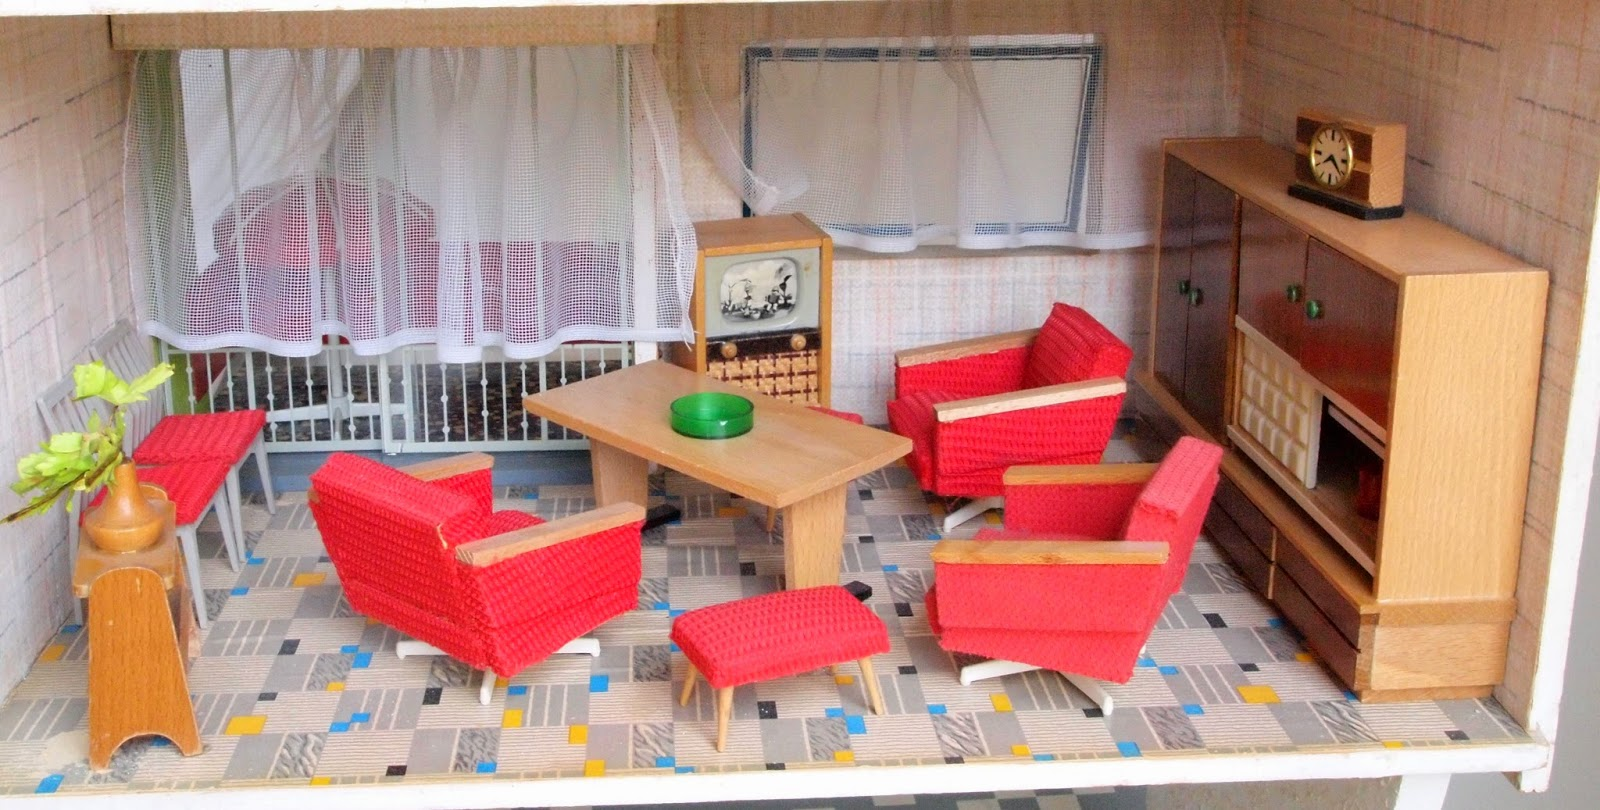 Dieses Rülke Wohnzimmer Mit Extravaganter Couchgarnitur Und Wuchtigem  Schrank? What Is More Typical Of The Era? This Set With A Big Solid Cabinet  And A ...